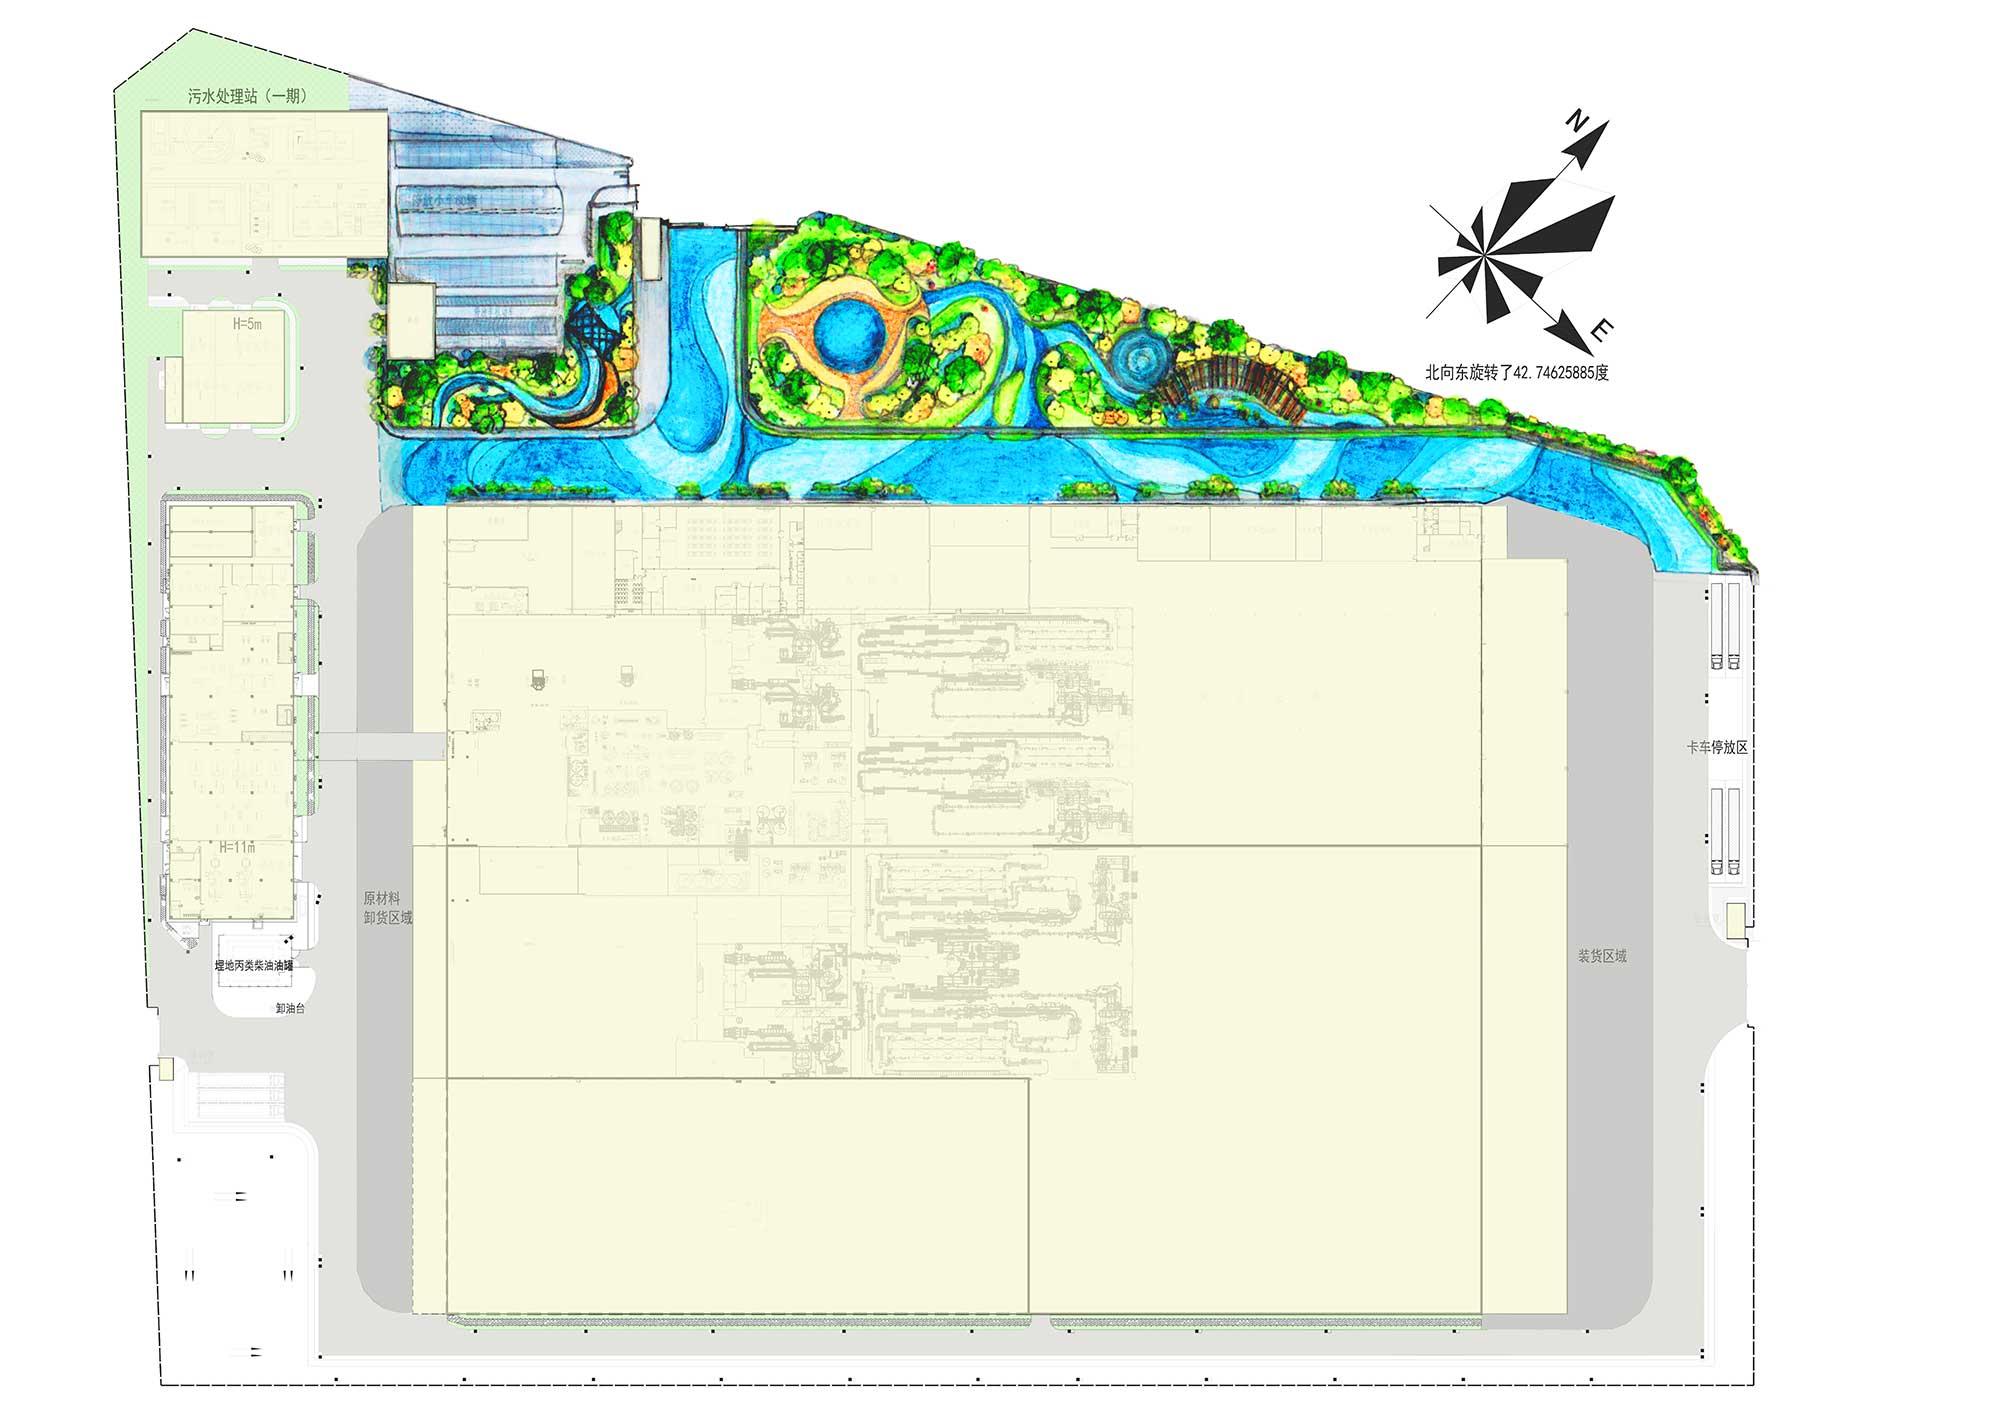 景观规划|旅游规划|人文景观|建筑景观|园林景观|商业景观|景观施工